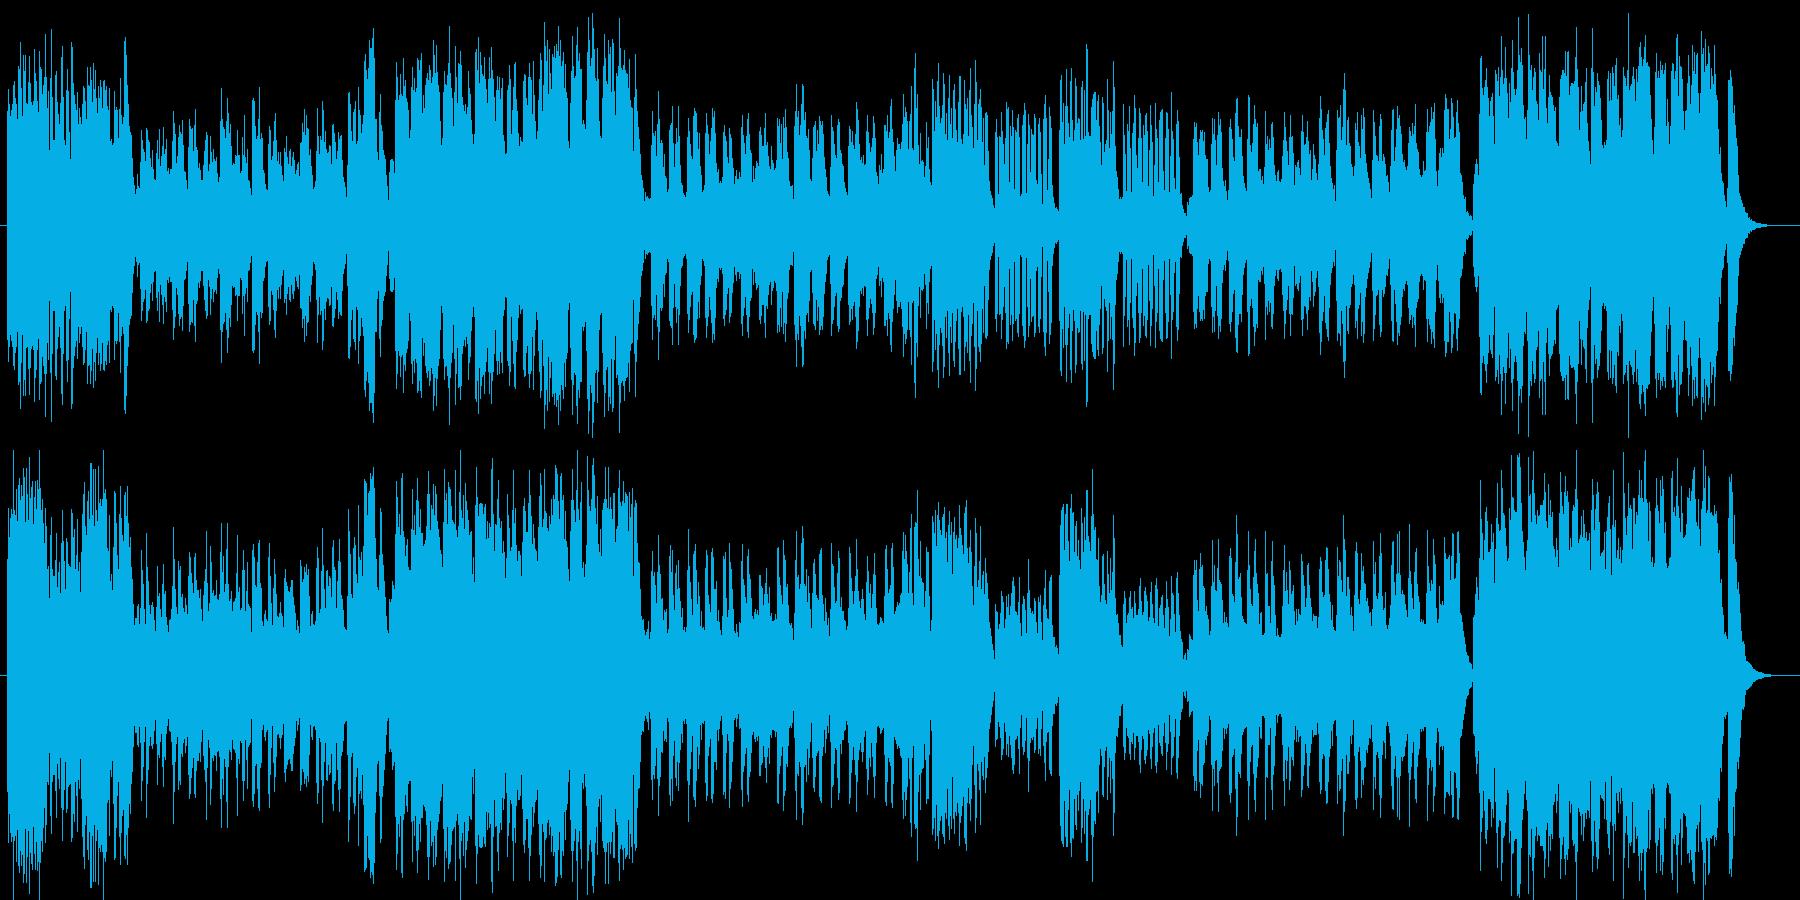 ファンタジーで豪華な弦管楽器シンフォニーの再生済みの波形